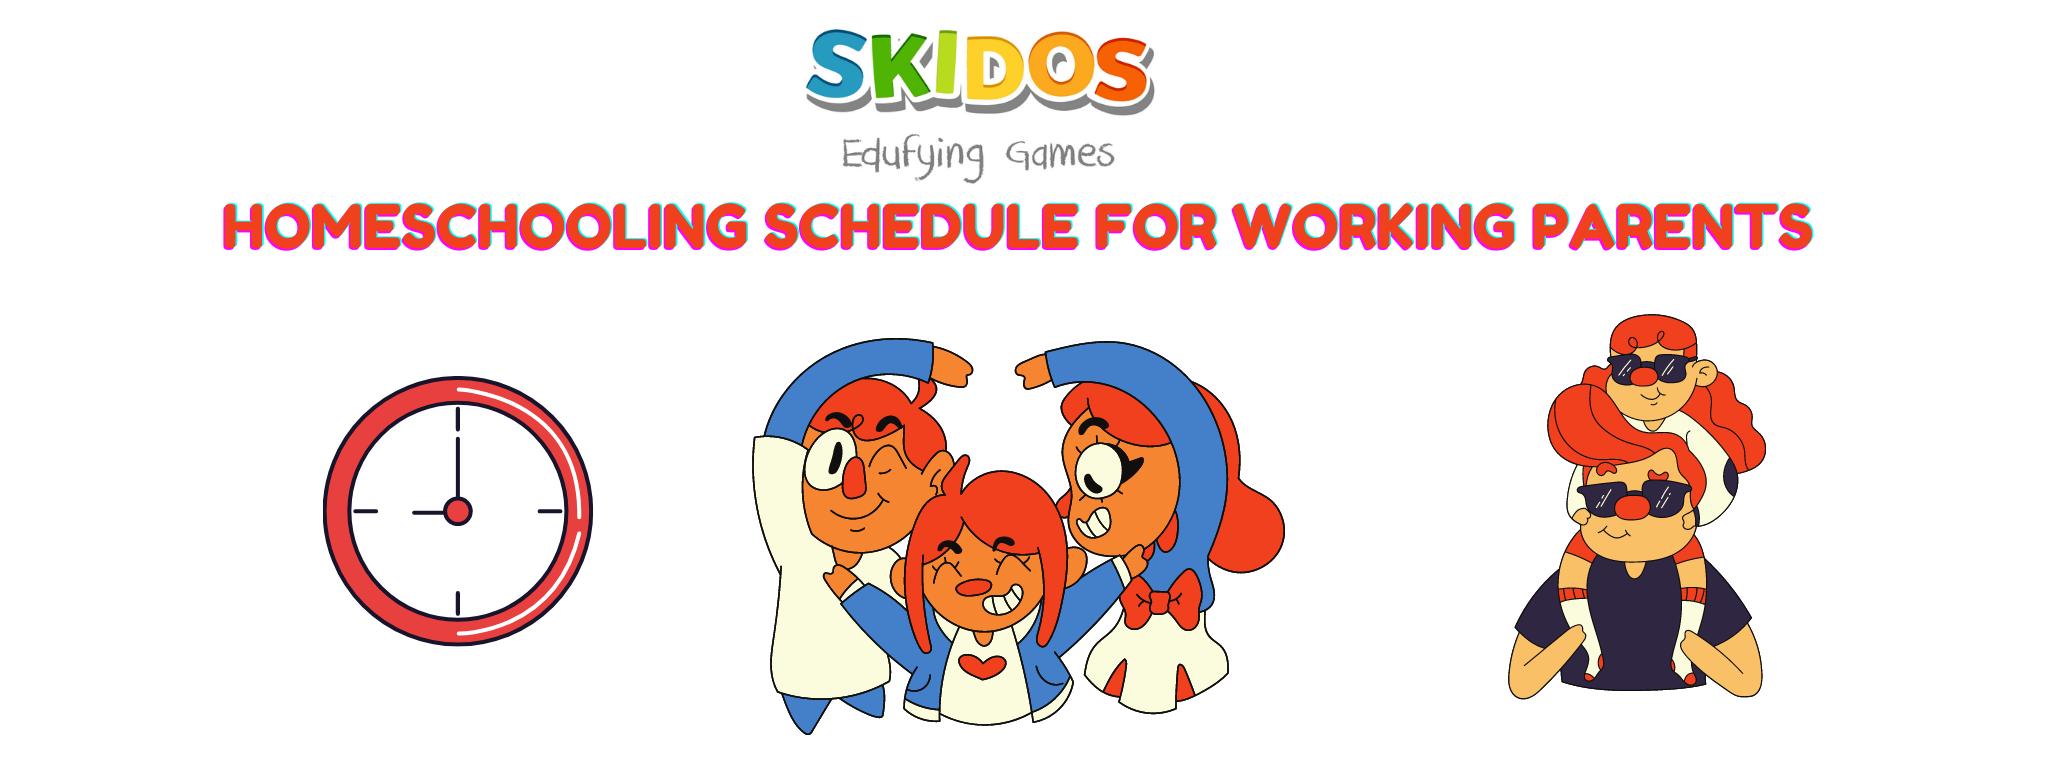 homeschooling schedule for working parents